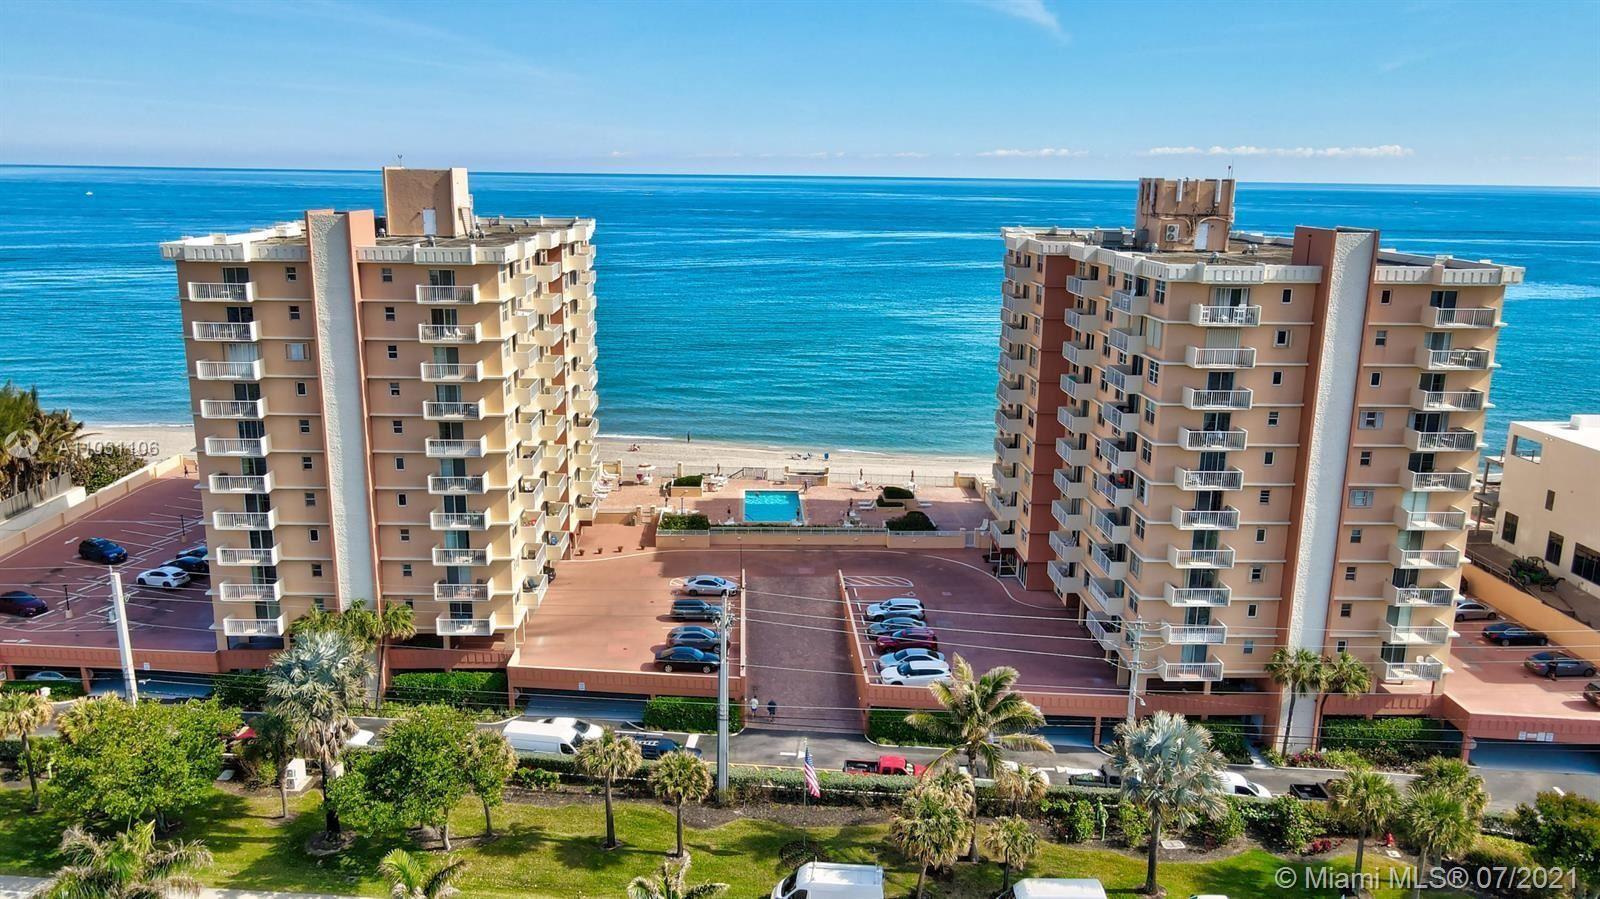 4505 S Ocean Blvd #104, Highland Beach, FL 33487 - #: A11031106